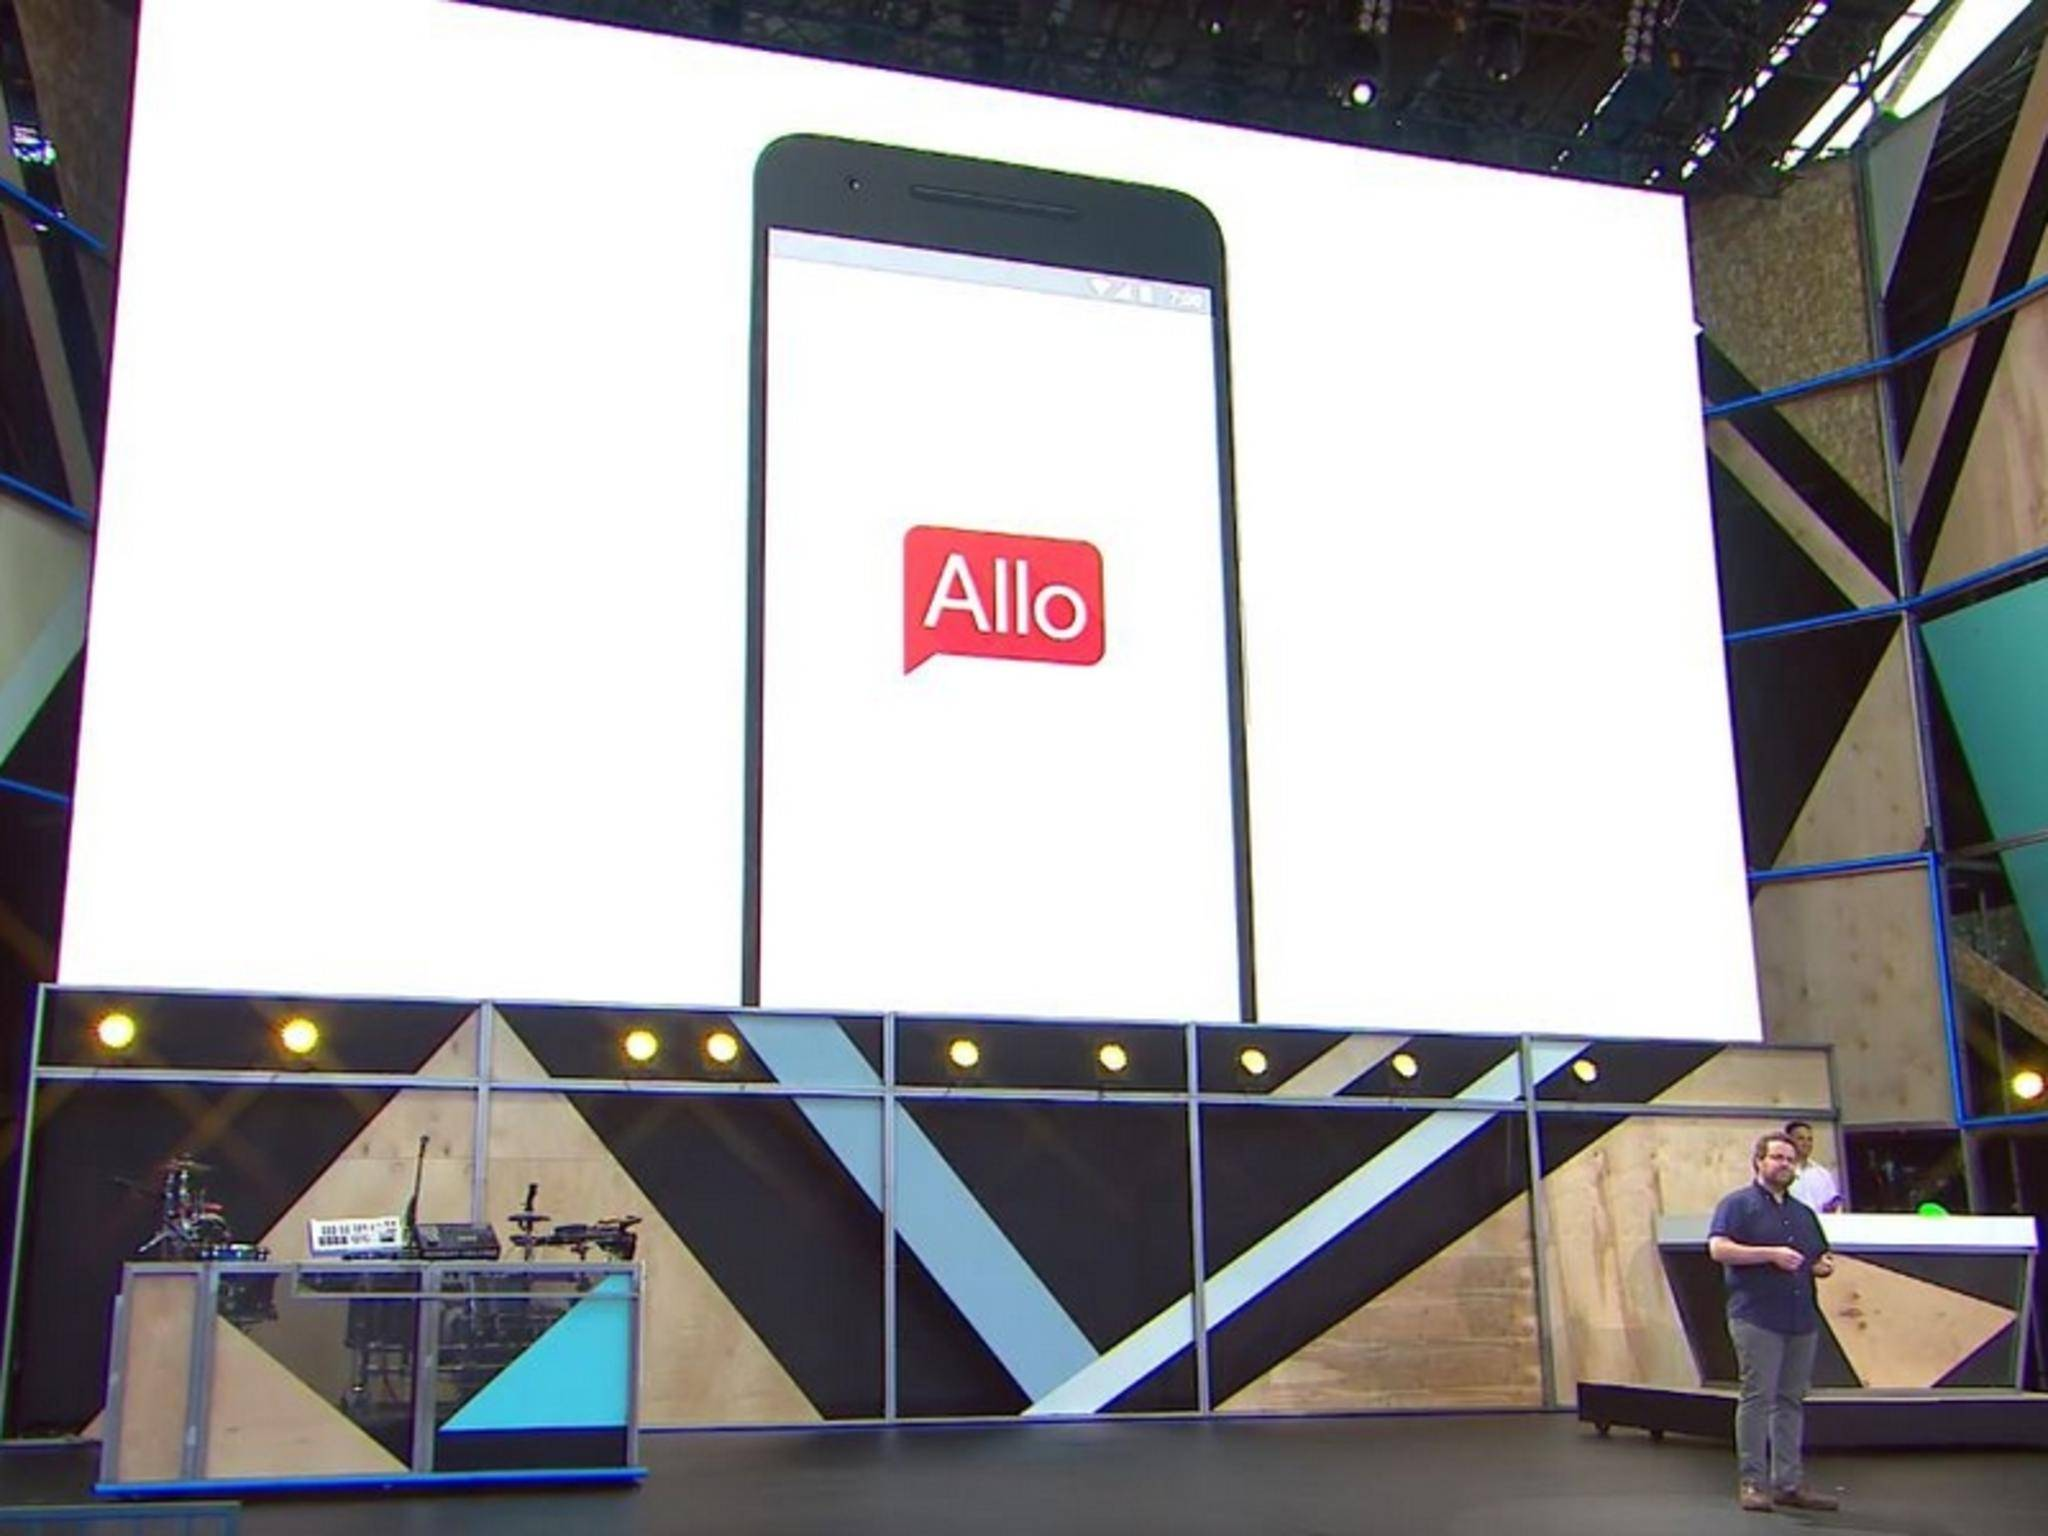 Wird Allo zur ernsthaften Konkurrenz für WhatsApp?